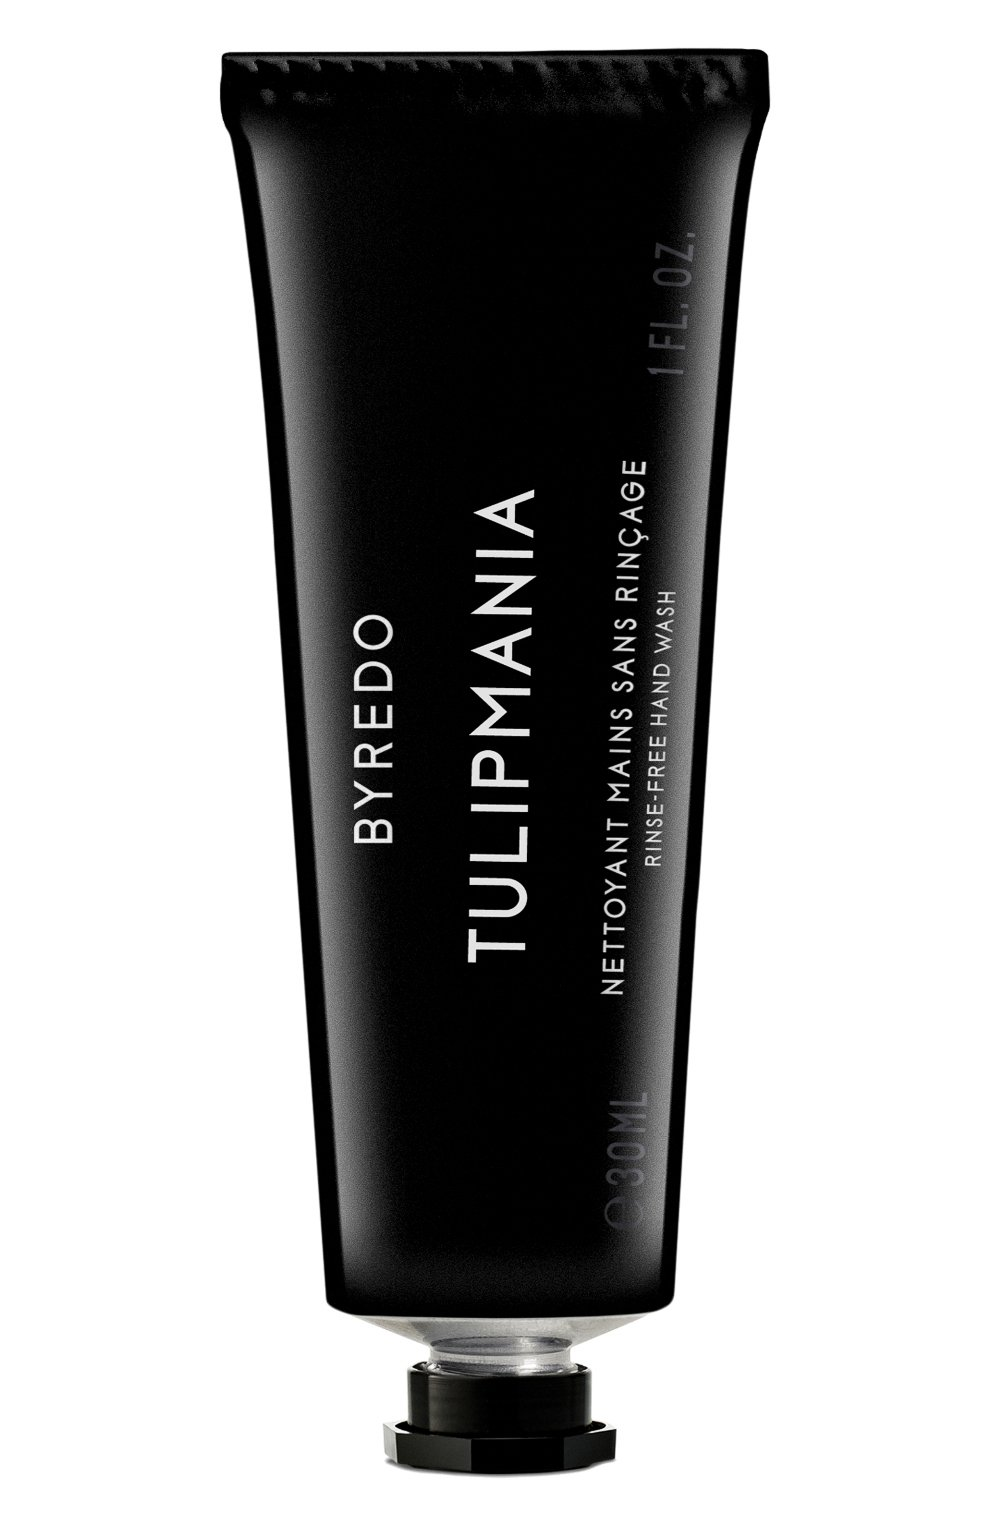 Гель для рук с антибактериальным эффектом tulipmania BYREDO бесцветного цвета, арт. 7340032827262 | Фото 1